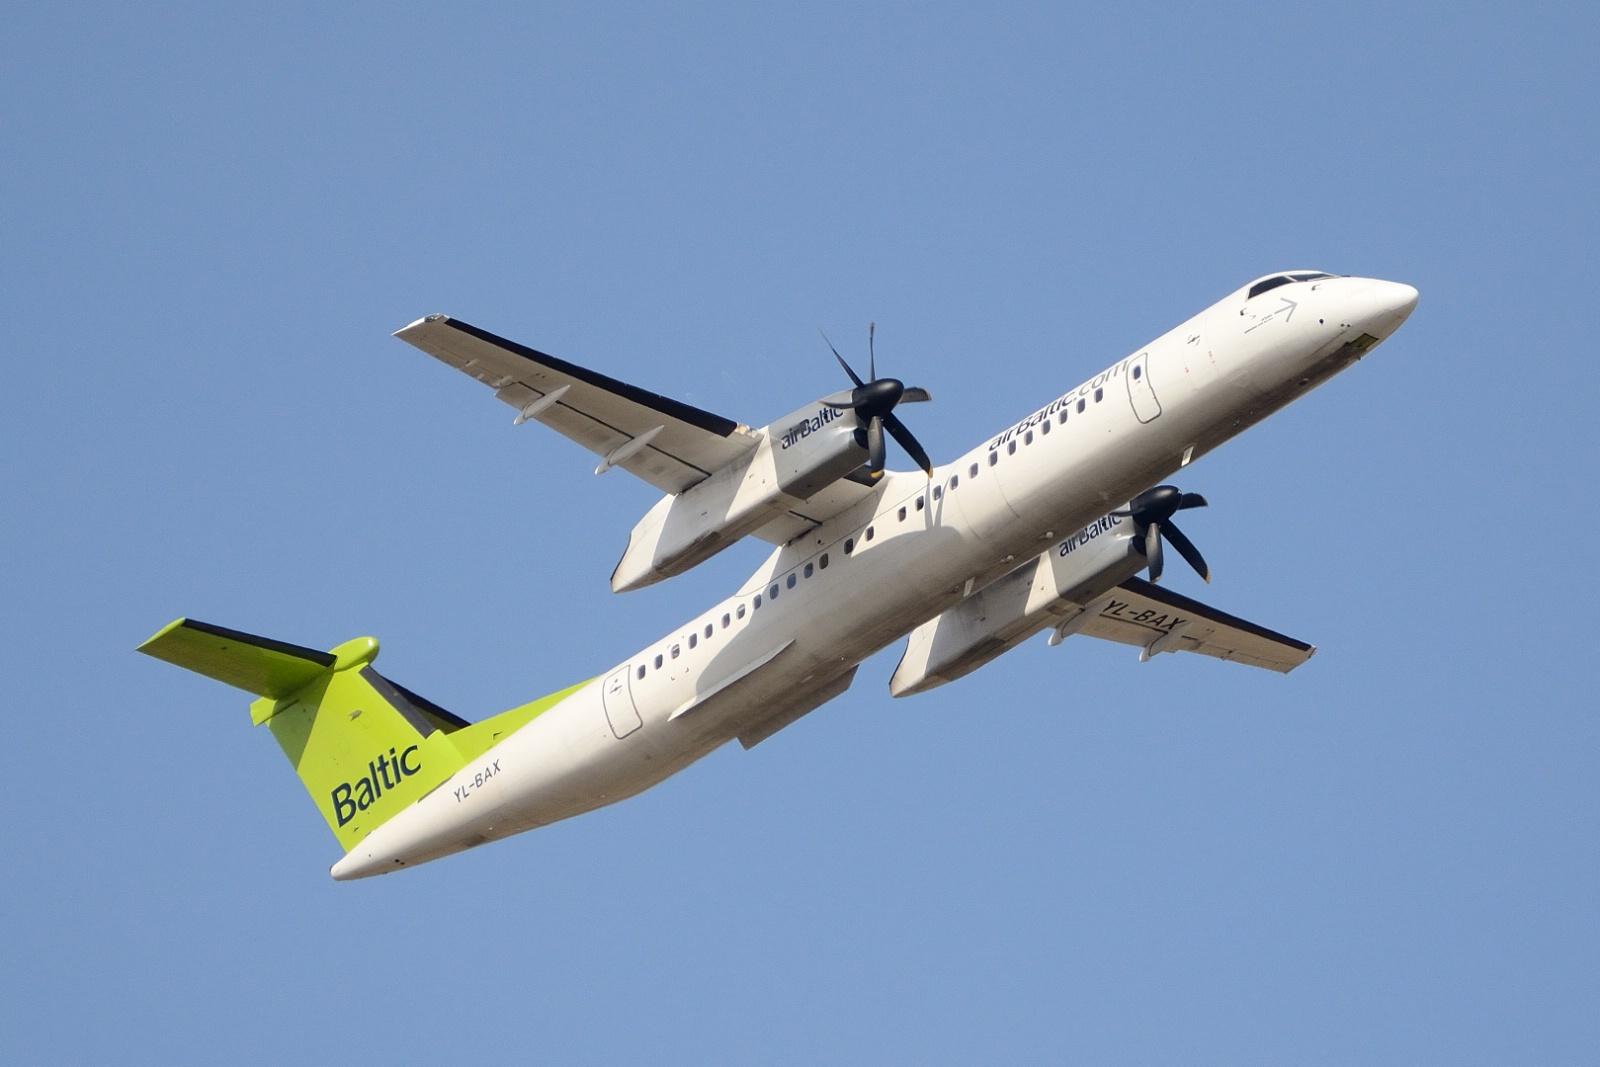 Bombardier Q400 fra airBaltic (Foto: Morten Lund Tiirikainen)